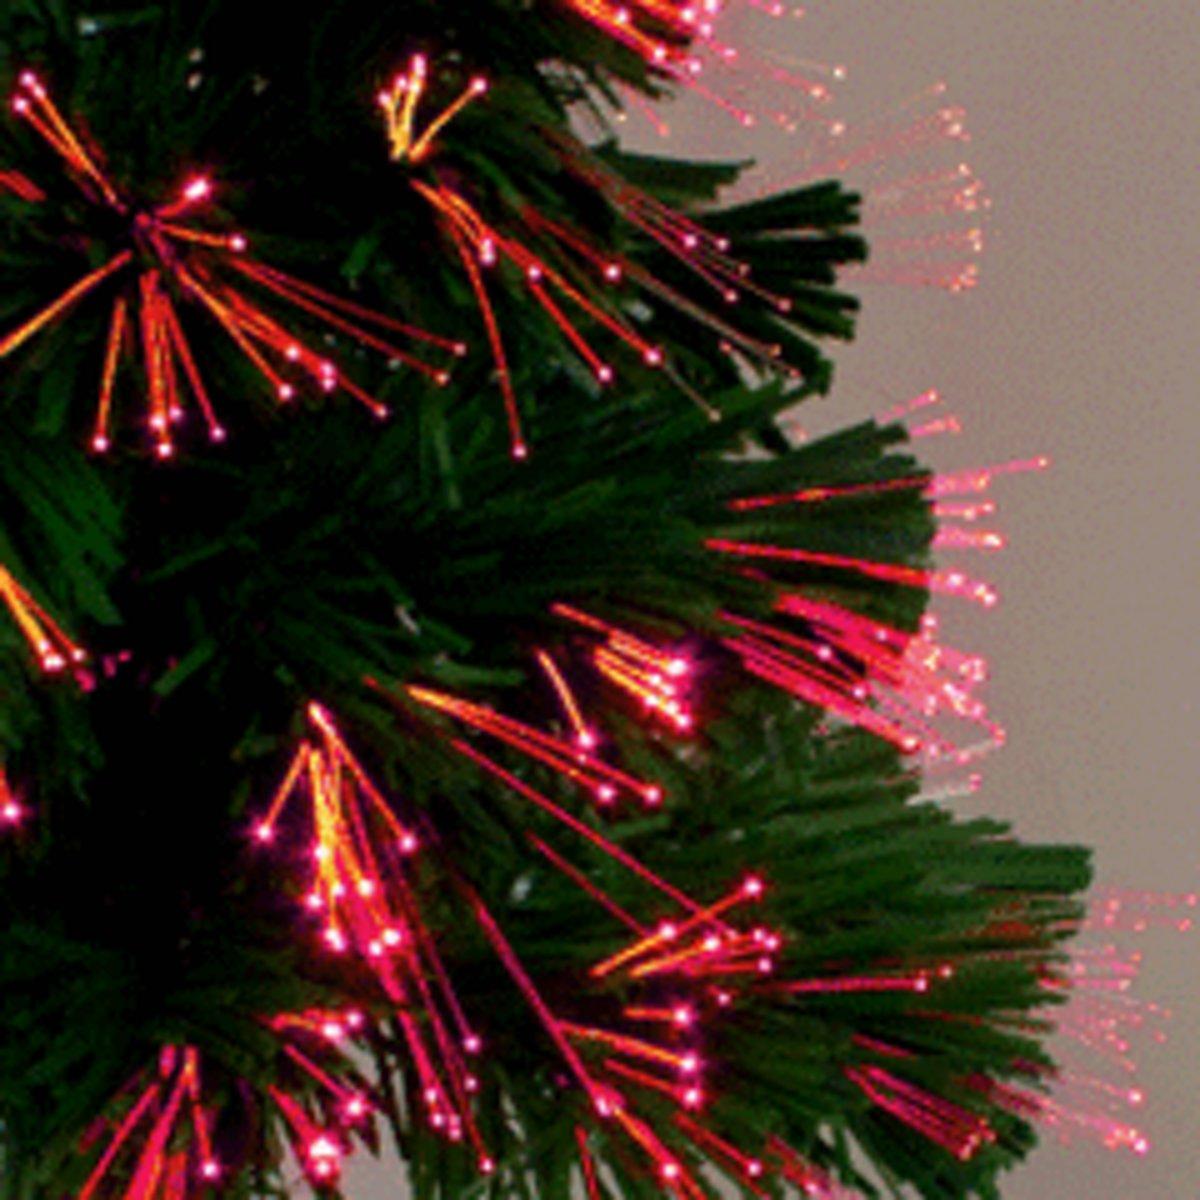 bolcom kerstboom kerstverlichting kerstversiering kerstsfeerkunstboom